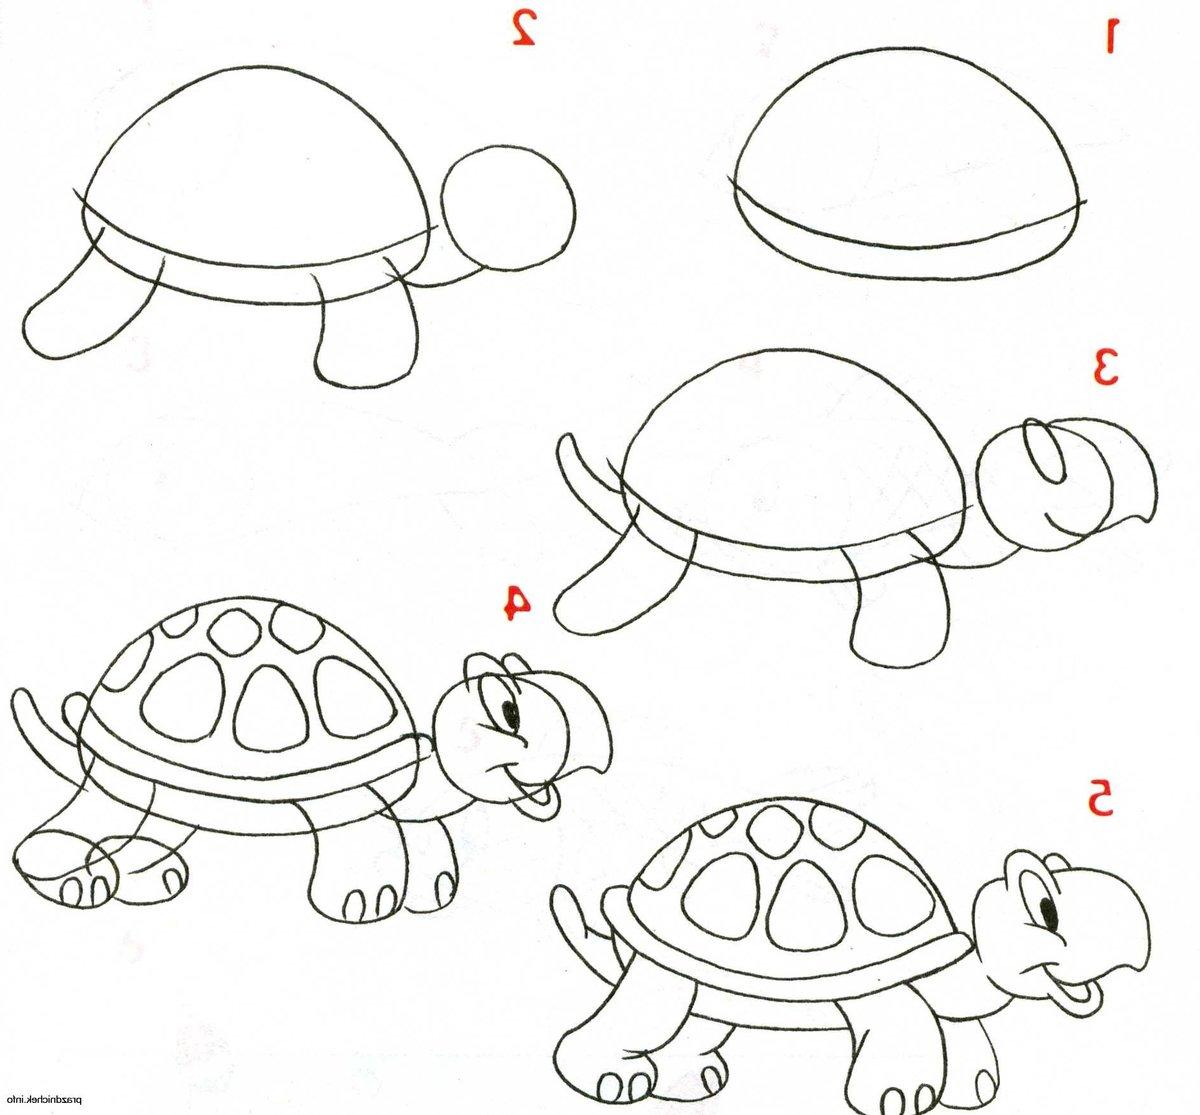 Картинки для детей рисовать с 9 лет, своими